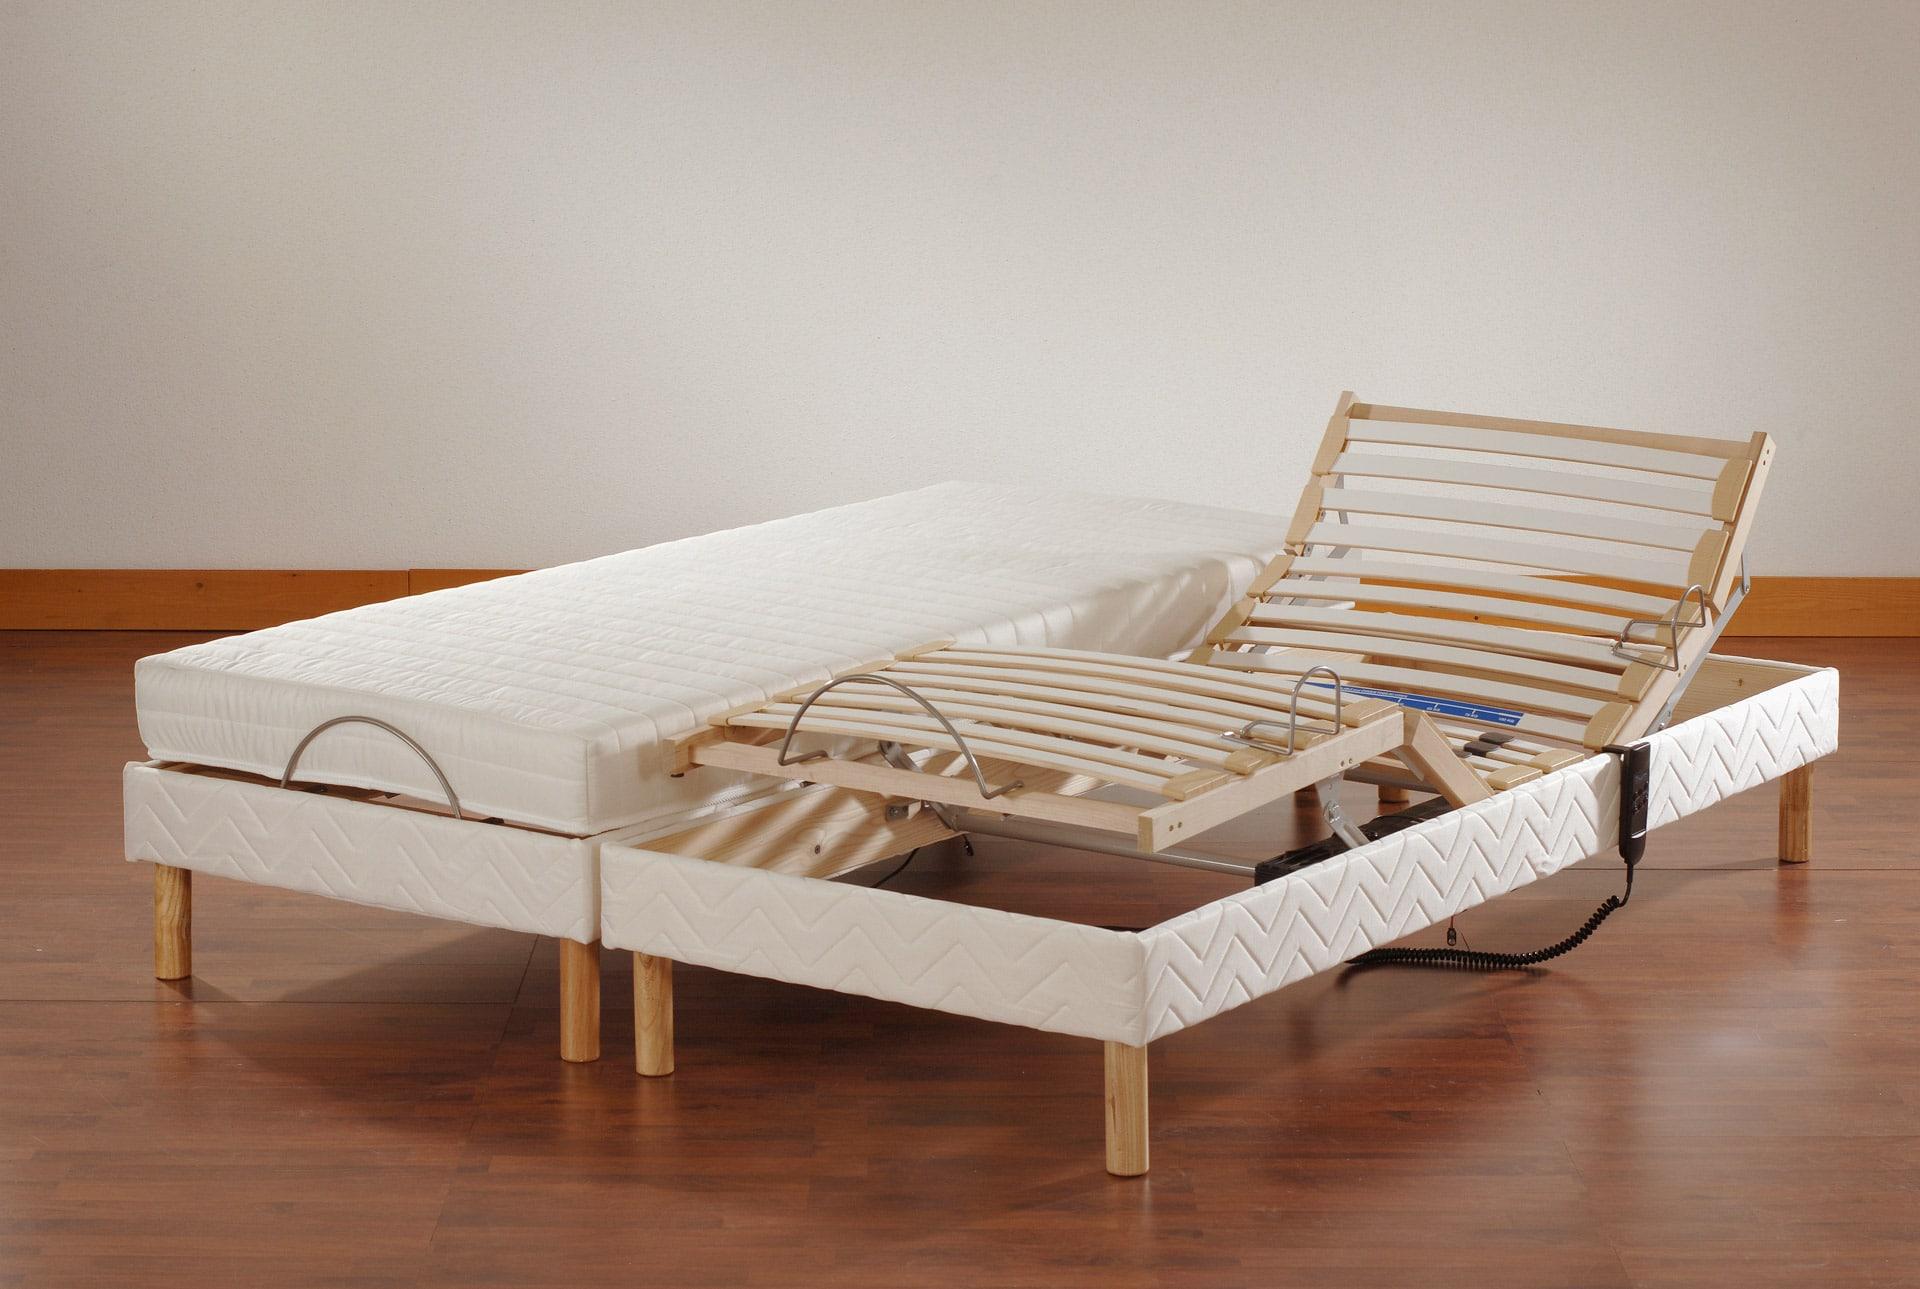 literie en soldes matelas et sommier prix r duits. Black Bedroom Furniture Sets. Home Design Ideas